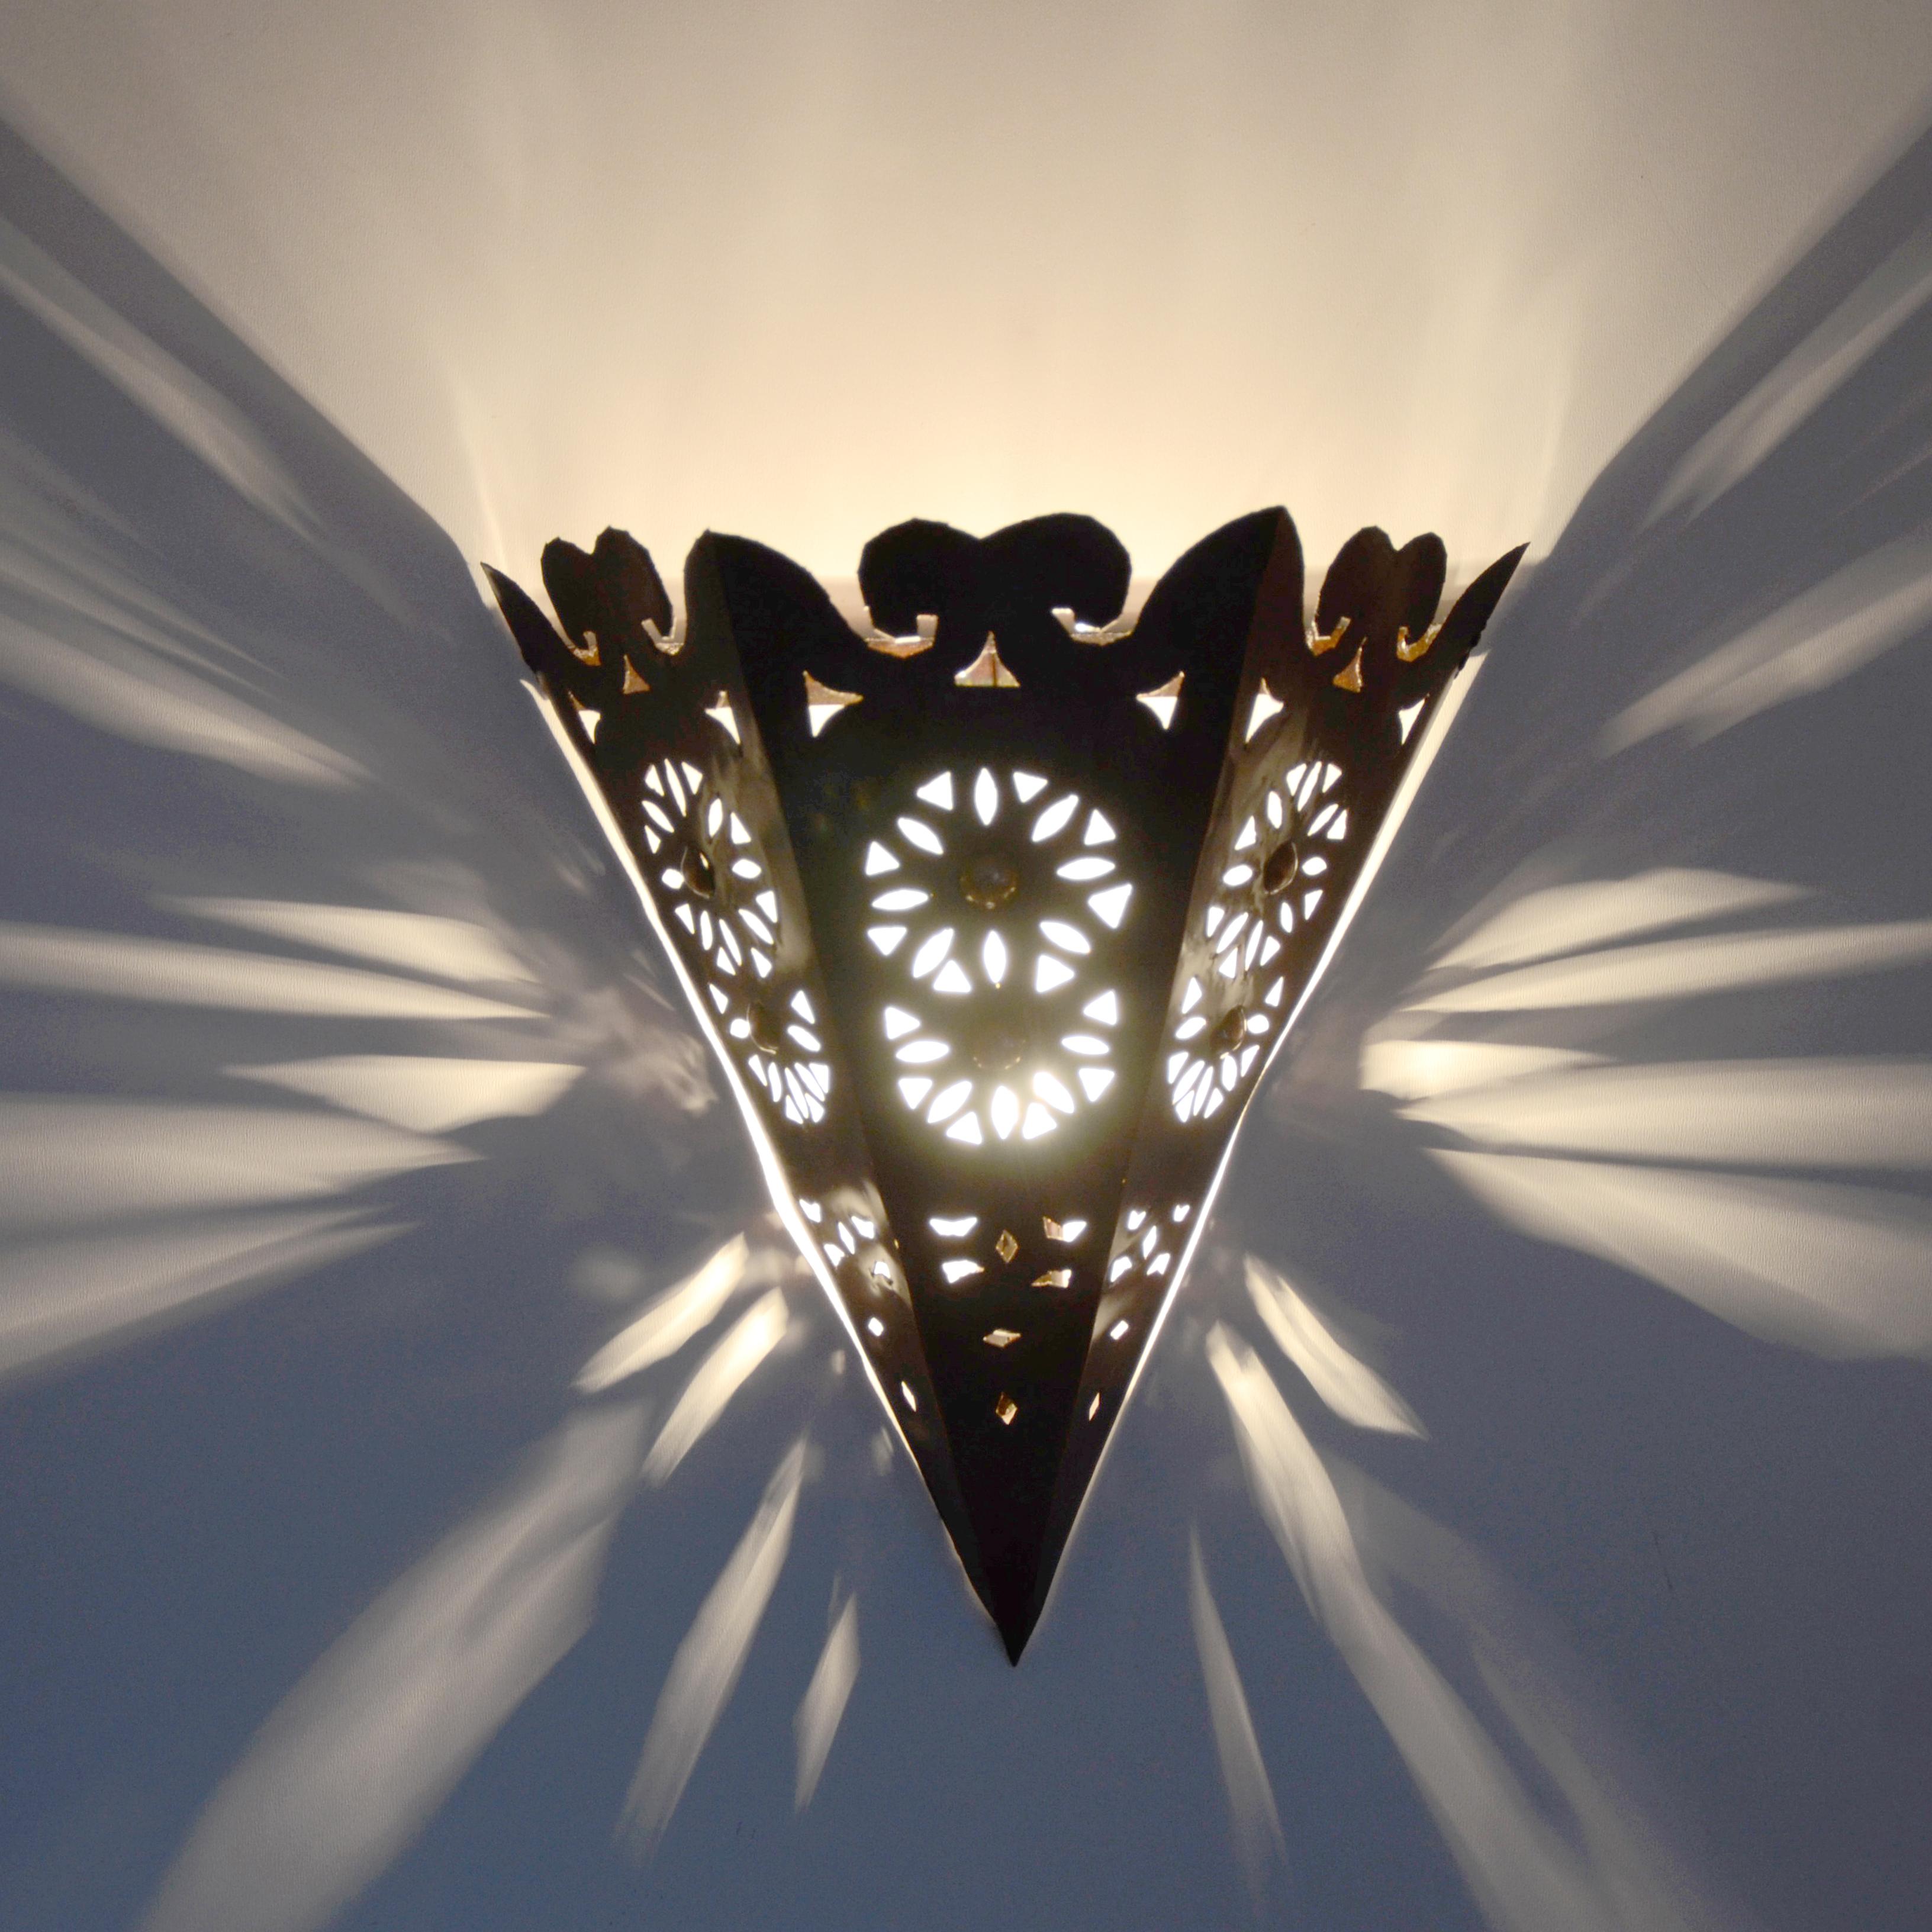 Marokkanische wandlampe aus metall mw15 l for Marokkanische wandlampe